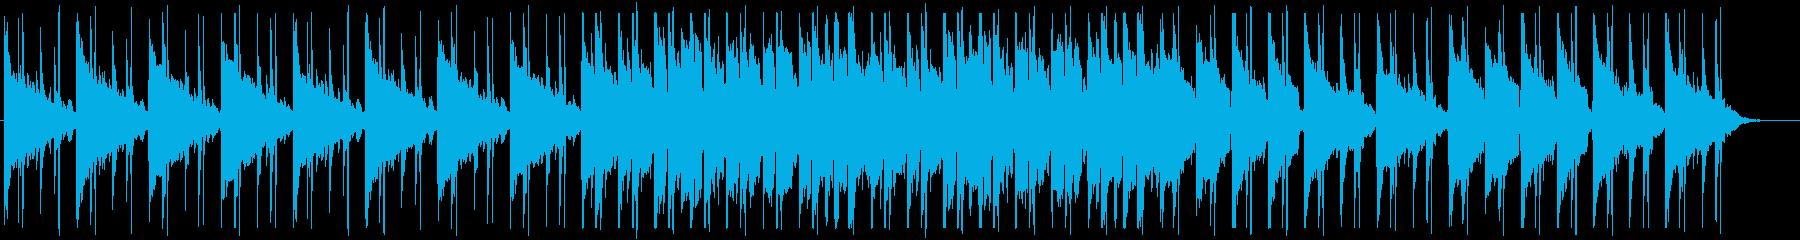 和を感じるクールな曲の再生済みの波形